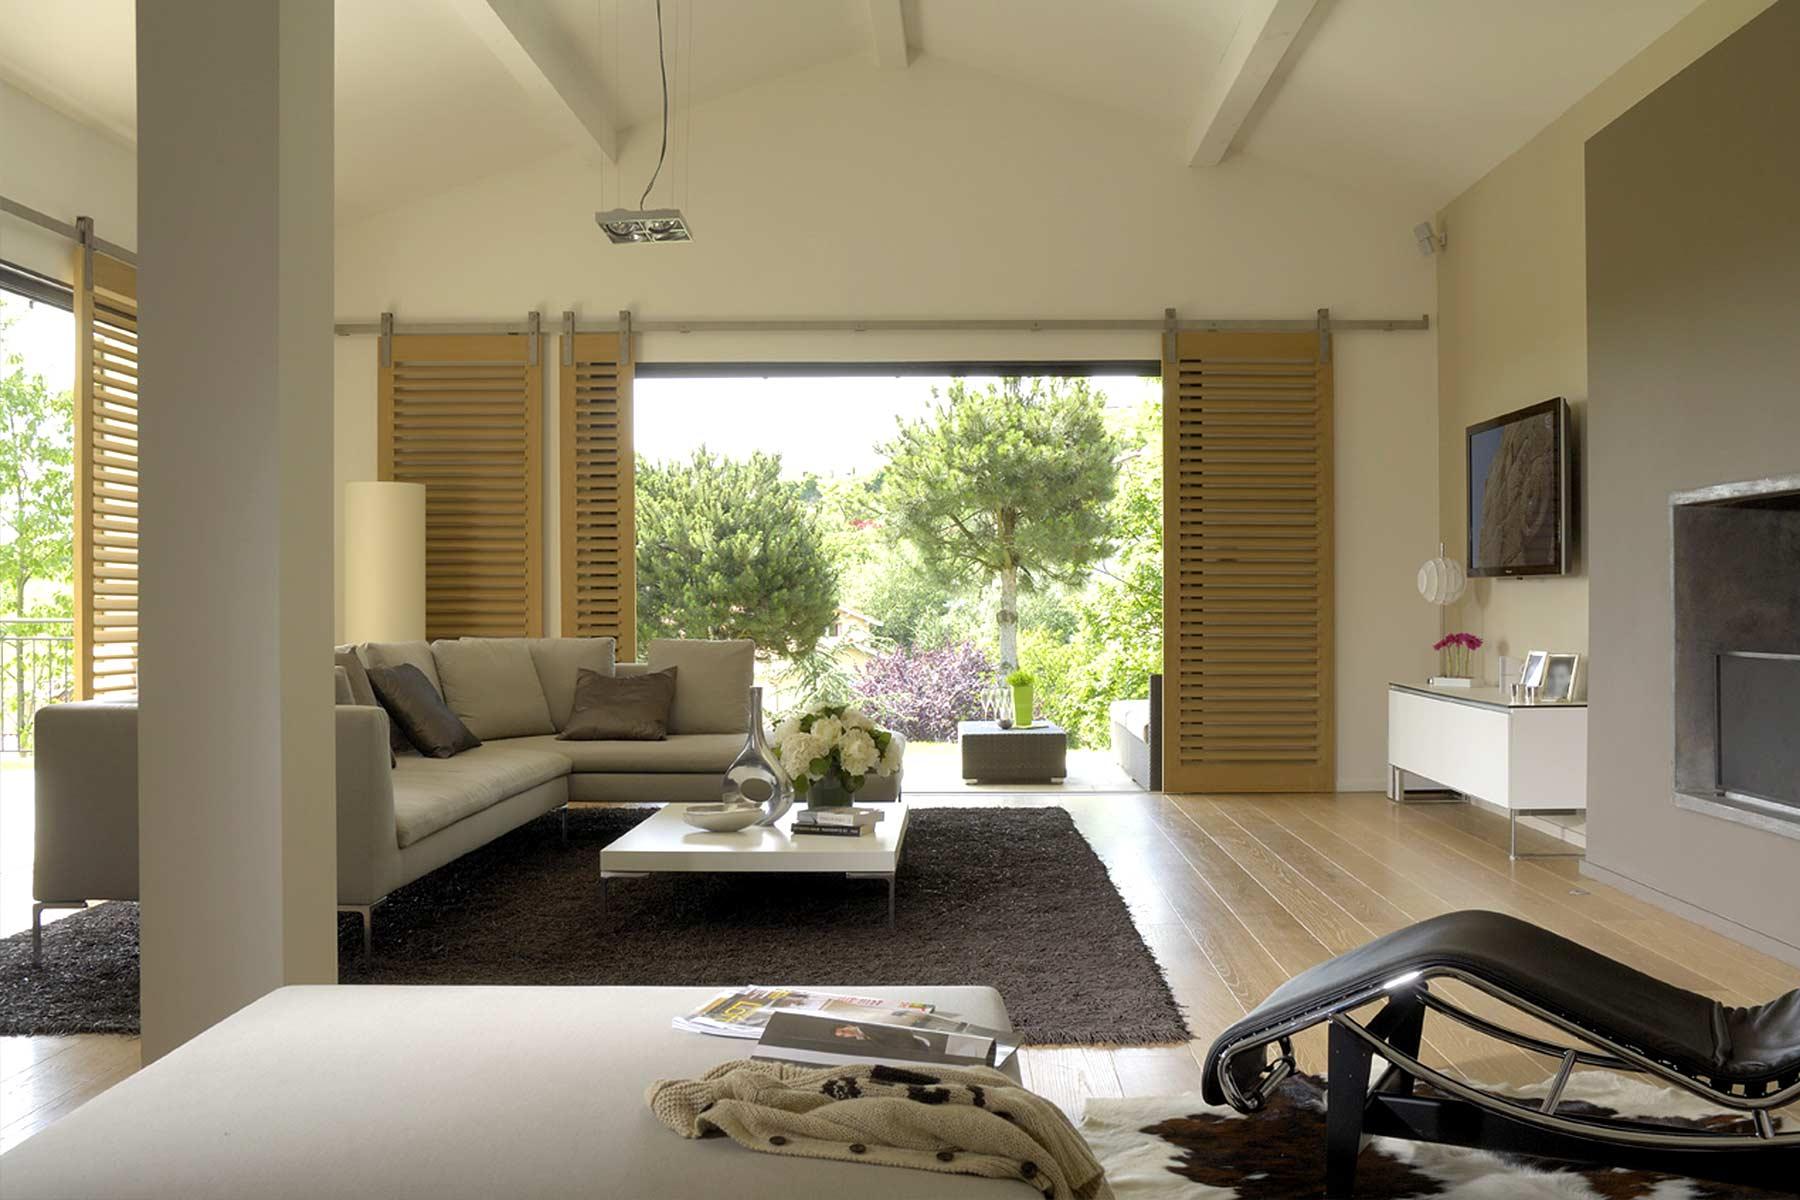 Des idées pour parfaire la décoration de vos pièces - Home Dome